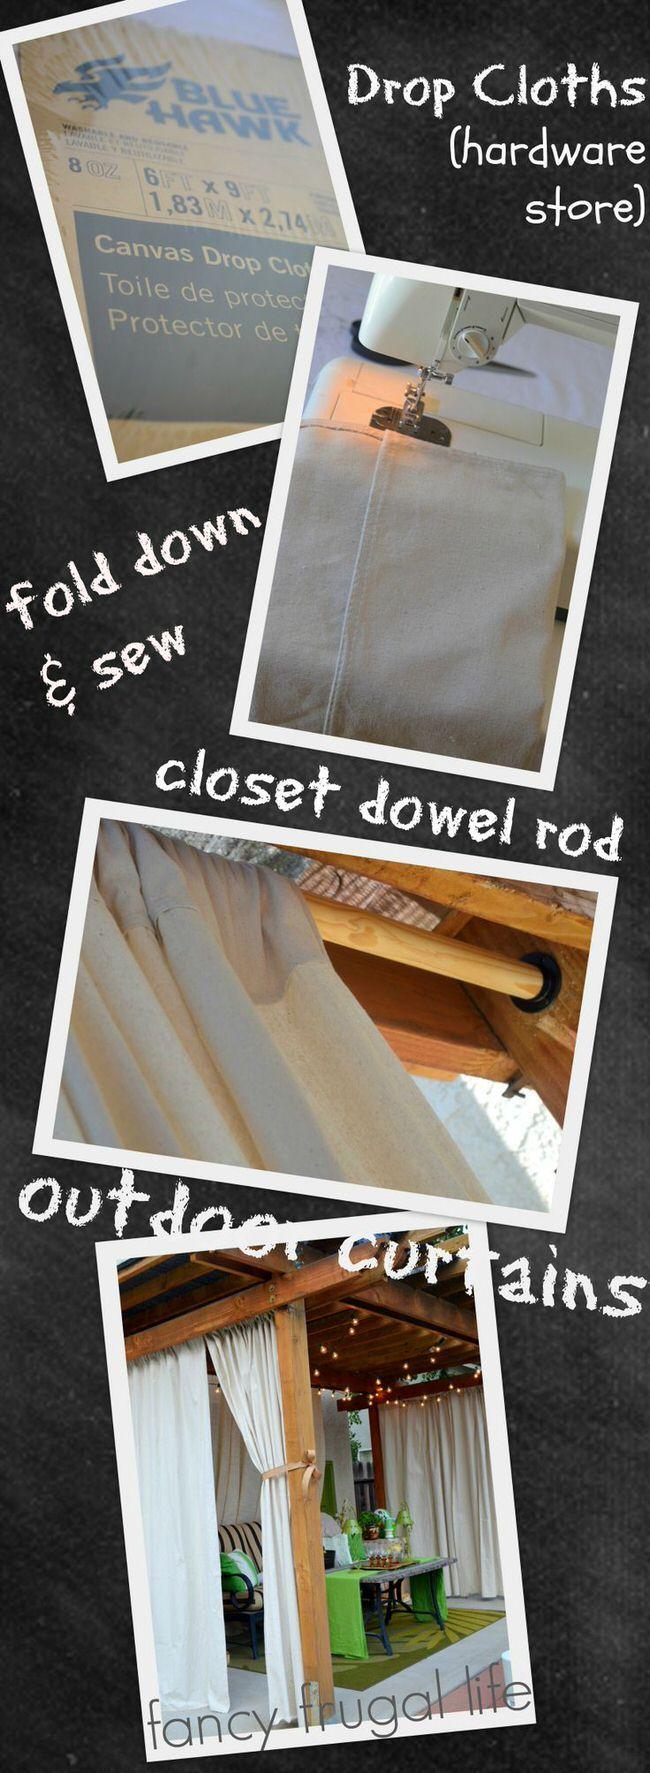 Diy outdoor curtains - Diy Patio Privacy Screens